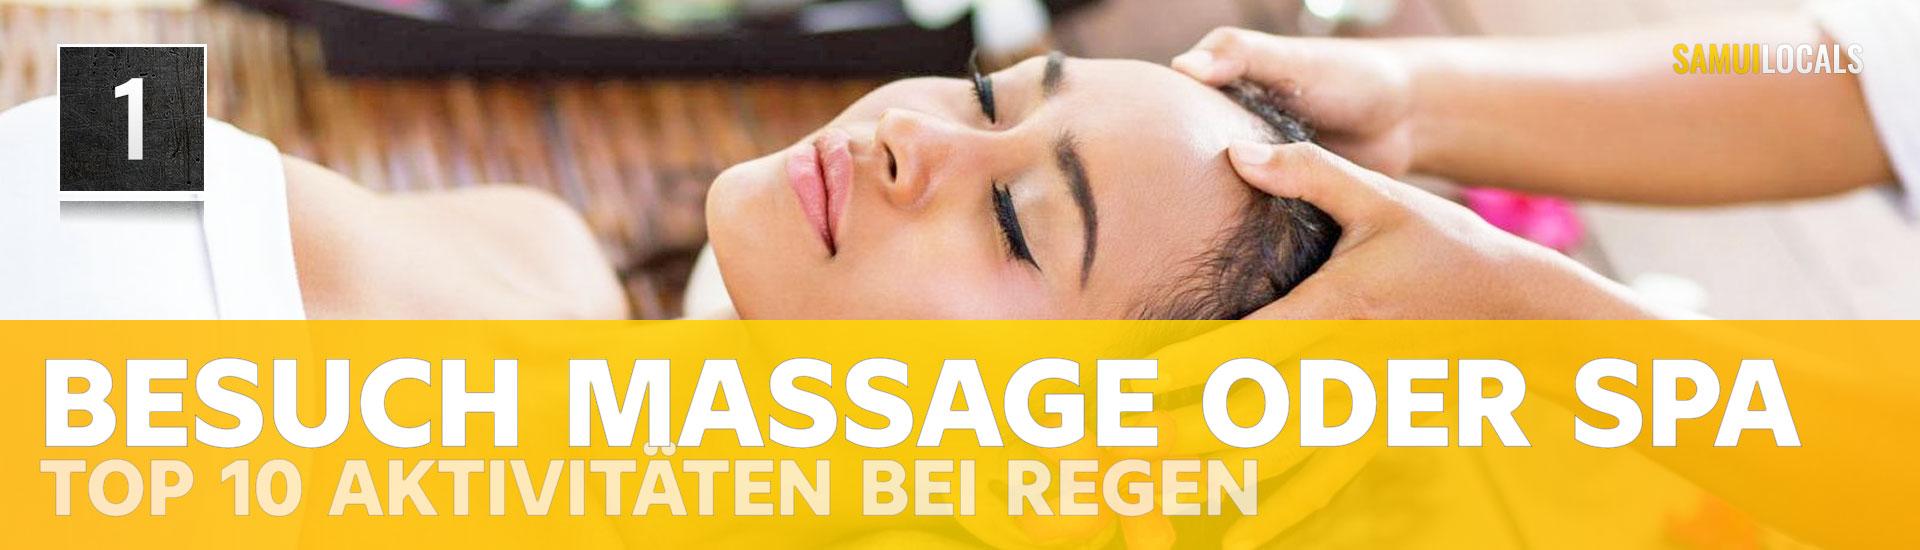 top_10_aktivitaeten_bei_regen_besuch_massage_oder_spa